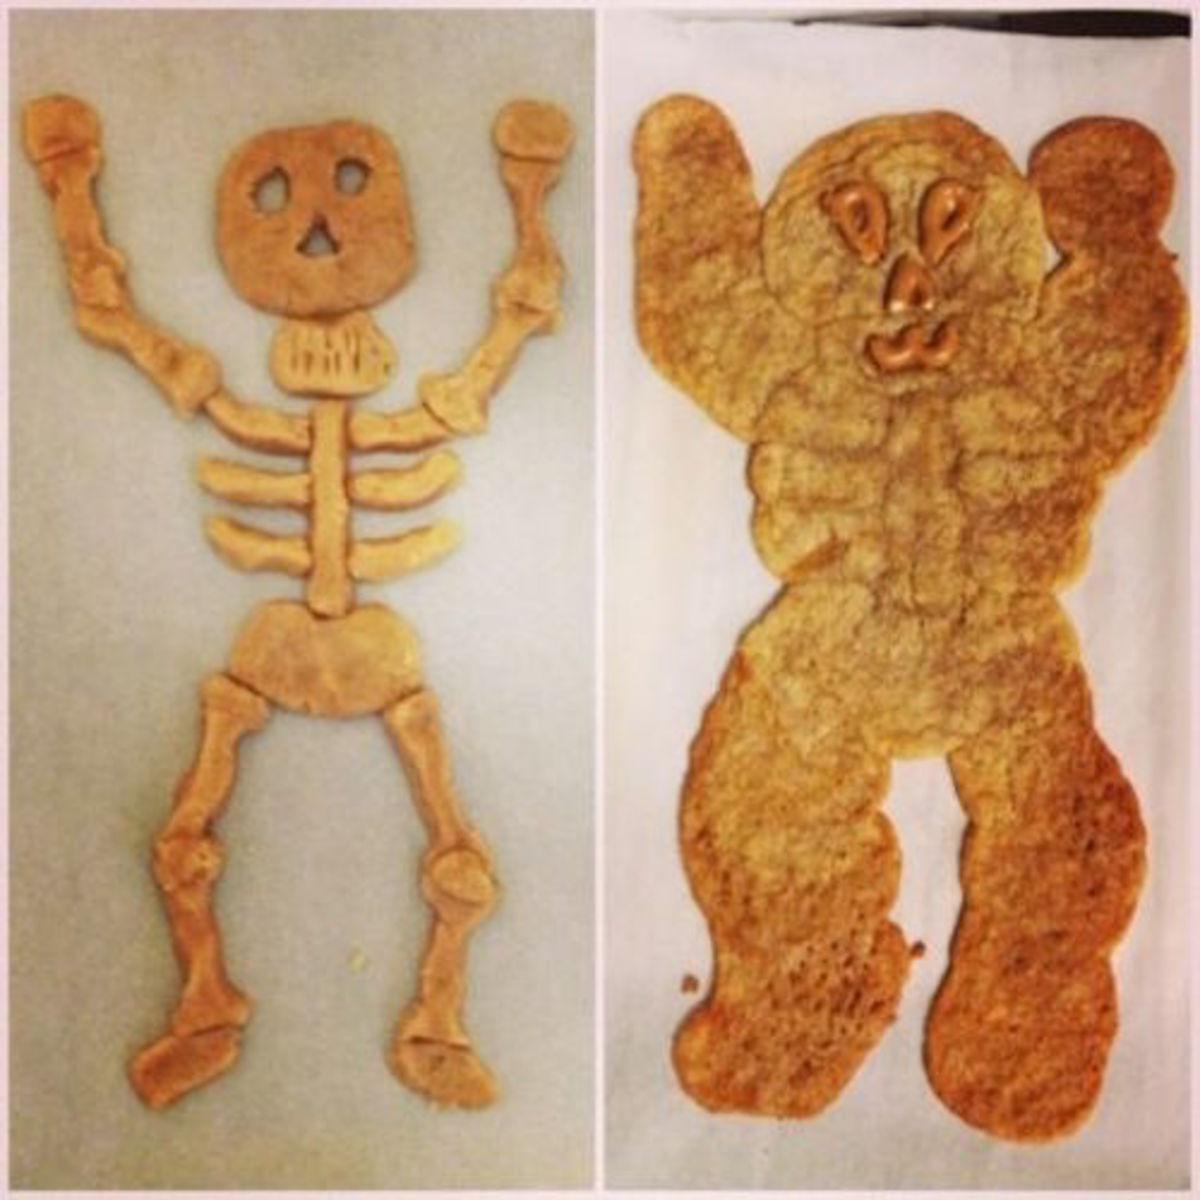 skeletoncookie